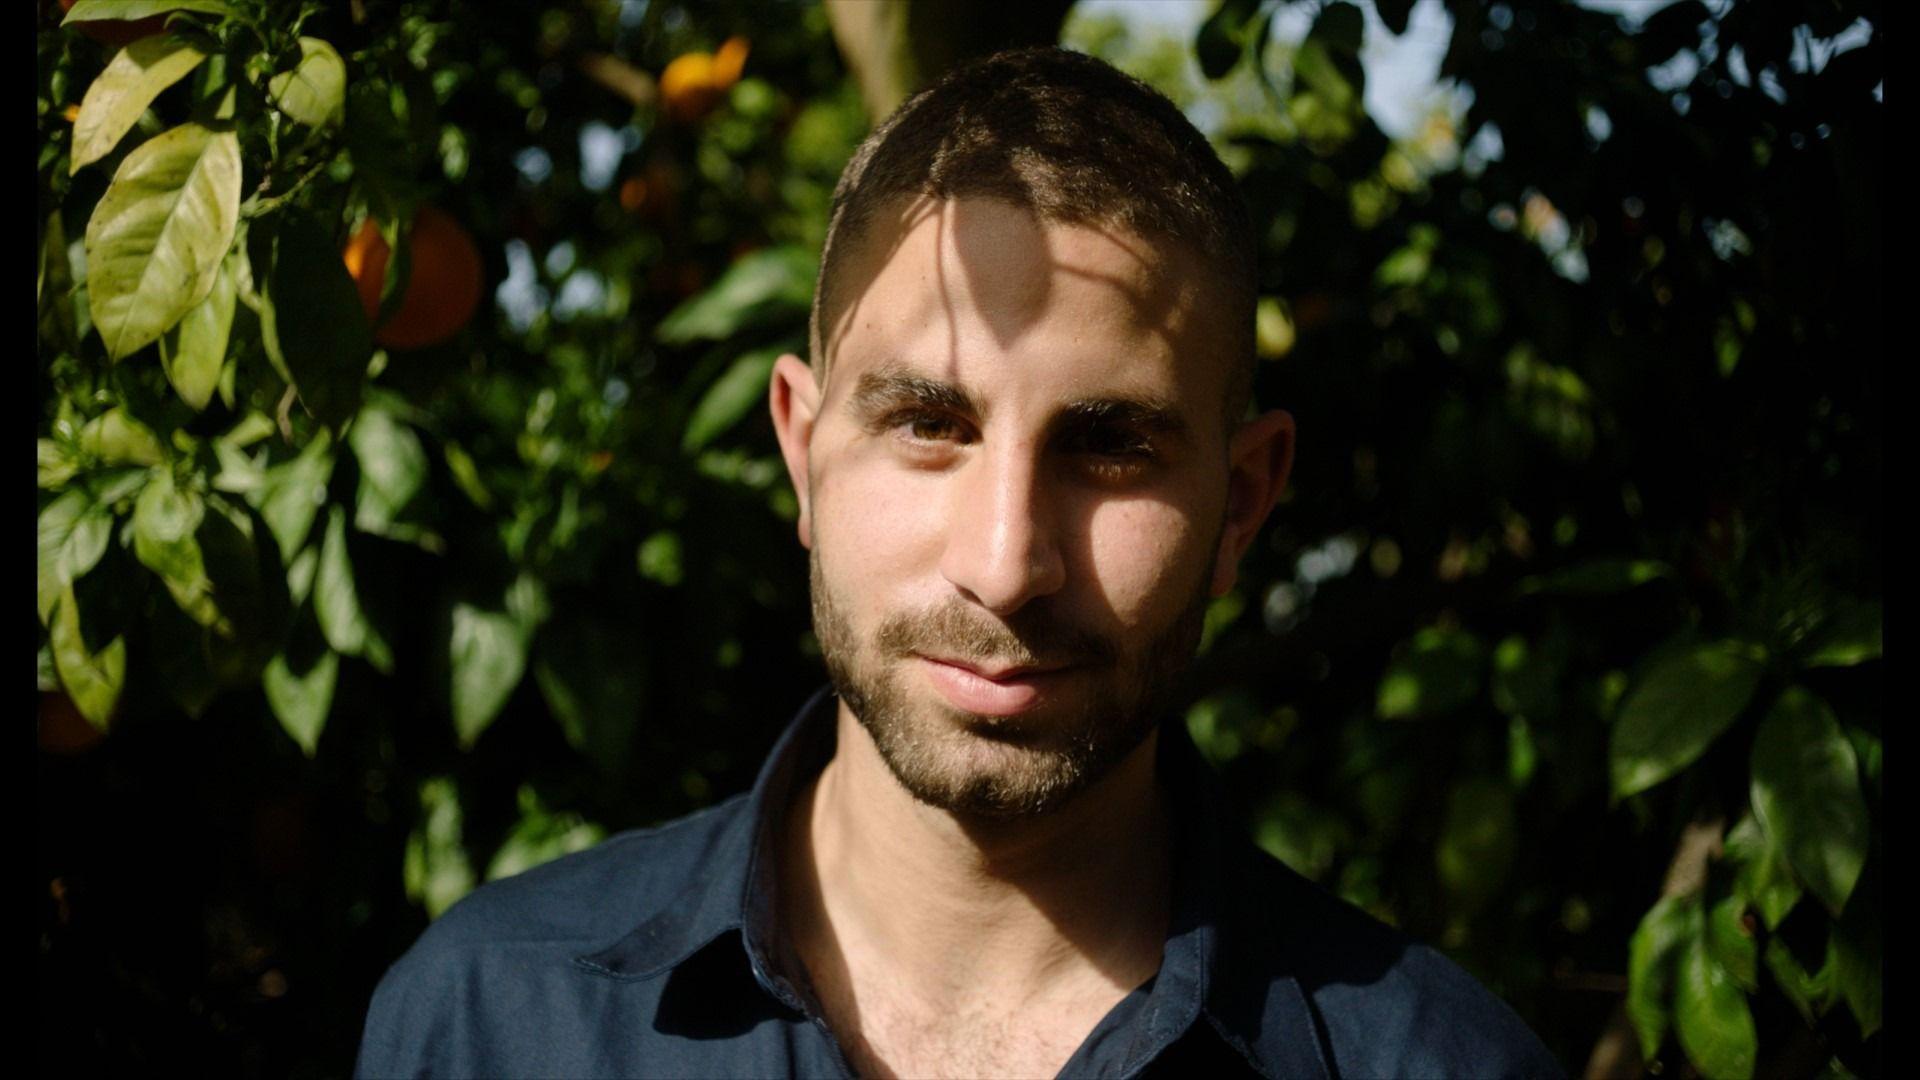 יונתן דיין - פרדסן ומגדל תפוזים